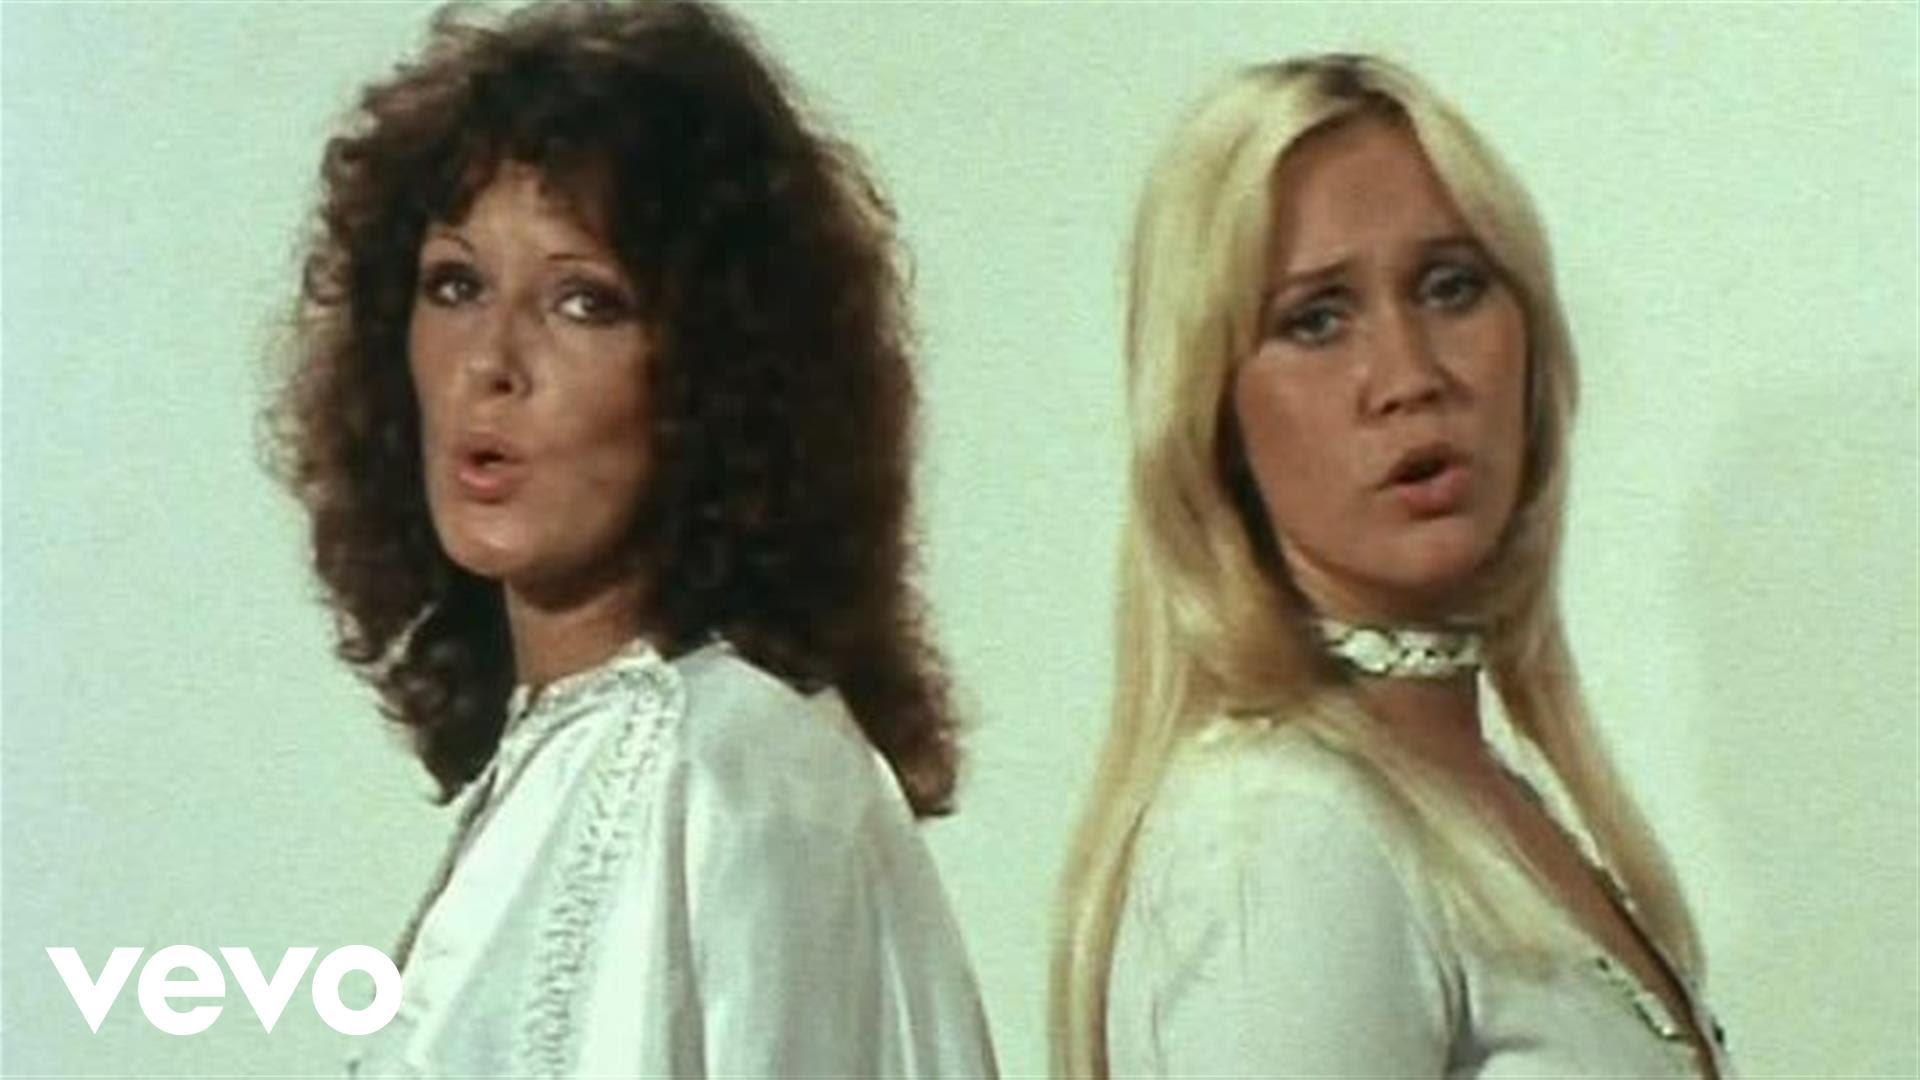 NAKON VIŠE OD 30 GODINA Ponovno se okuplja ABBA, rade na 'povijesnom digitalnom projektu'